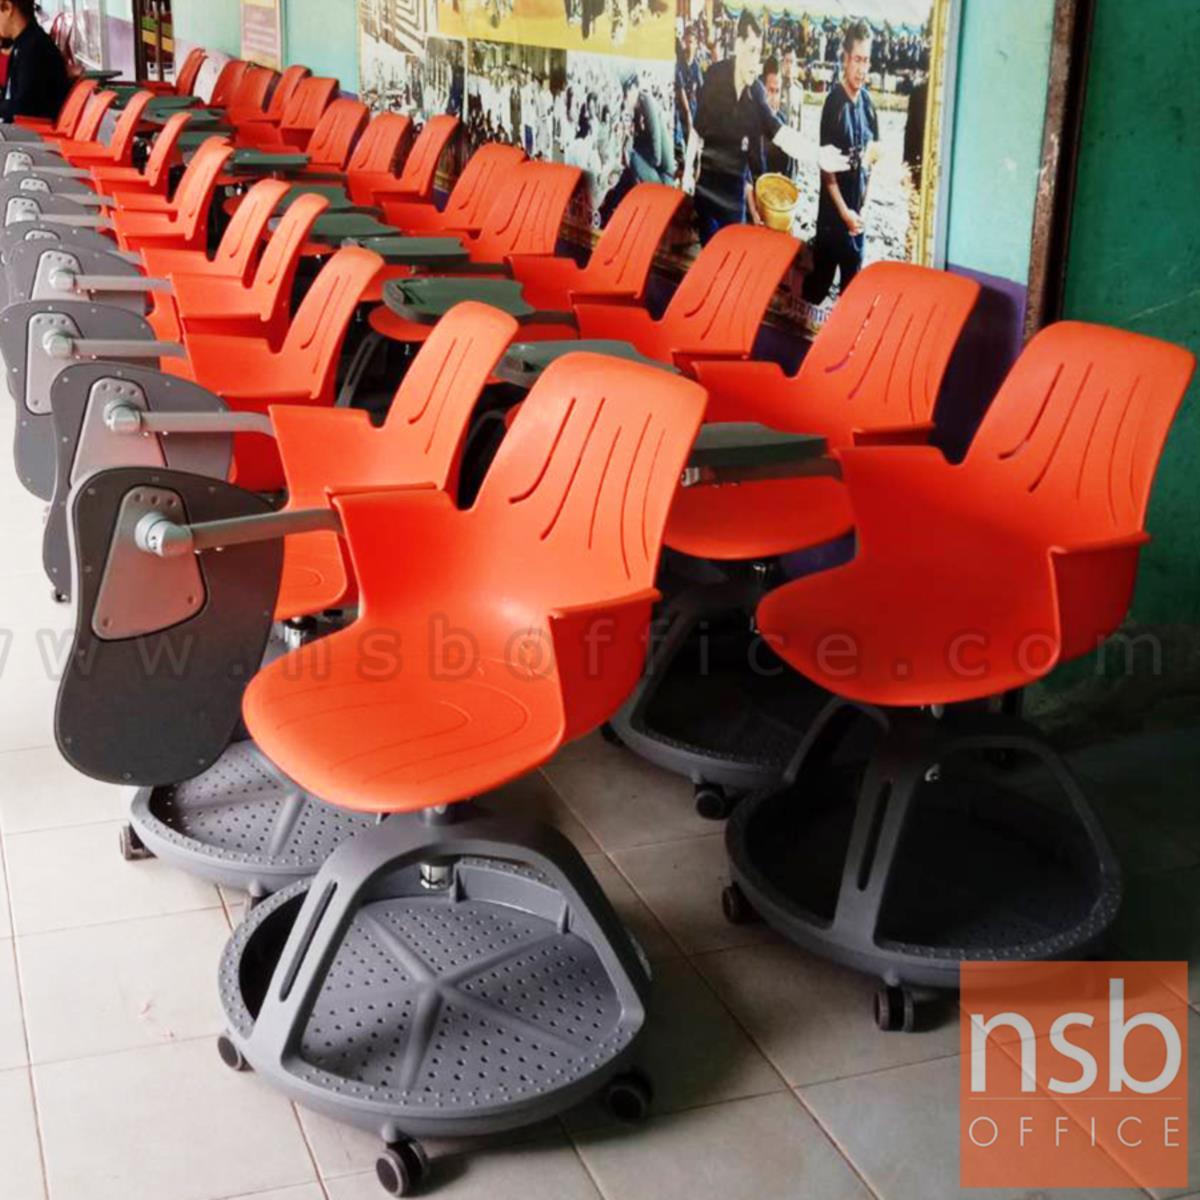 เก้าอี้เลคเชอร์เฟรมโพลี่ล้อเลื่อน รุ่น Bastien (บาสเตียน)  ฐานกลมวางกระเป๋าได้